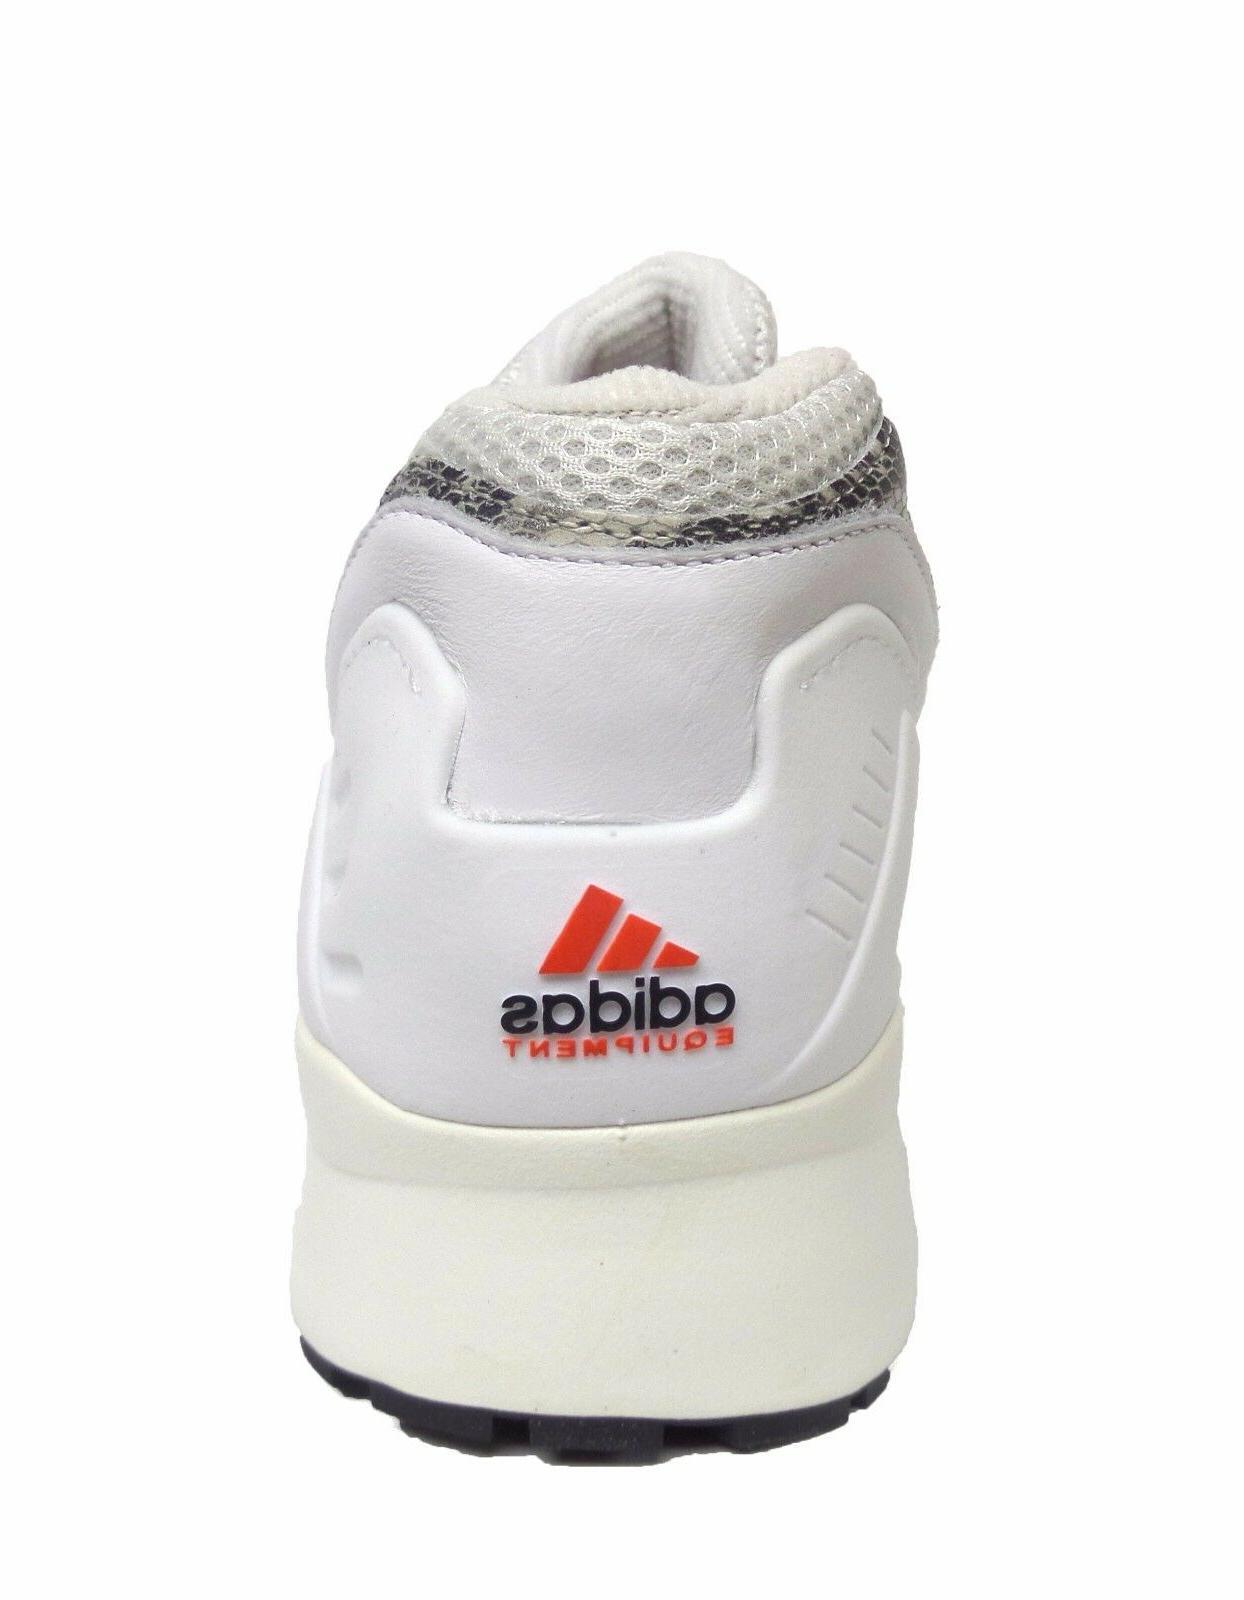 Adidas Equipment Cushion